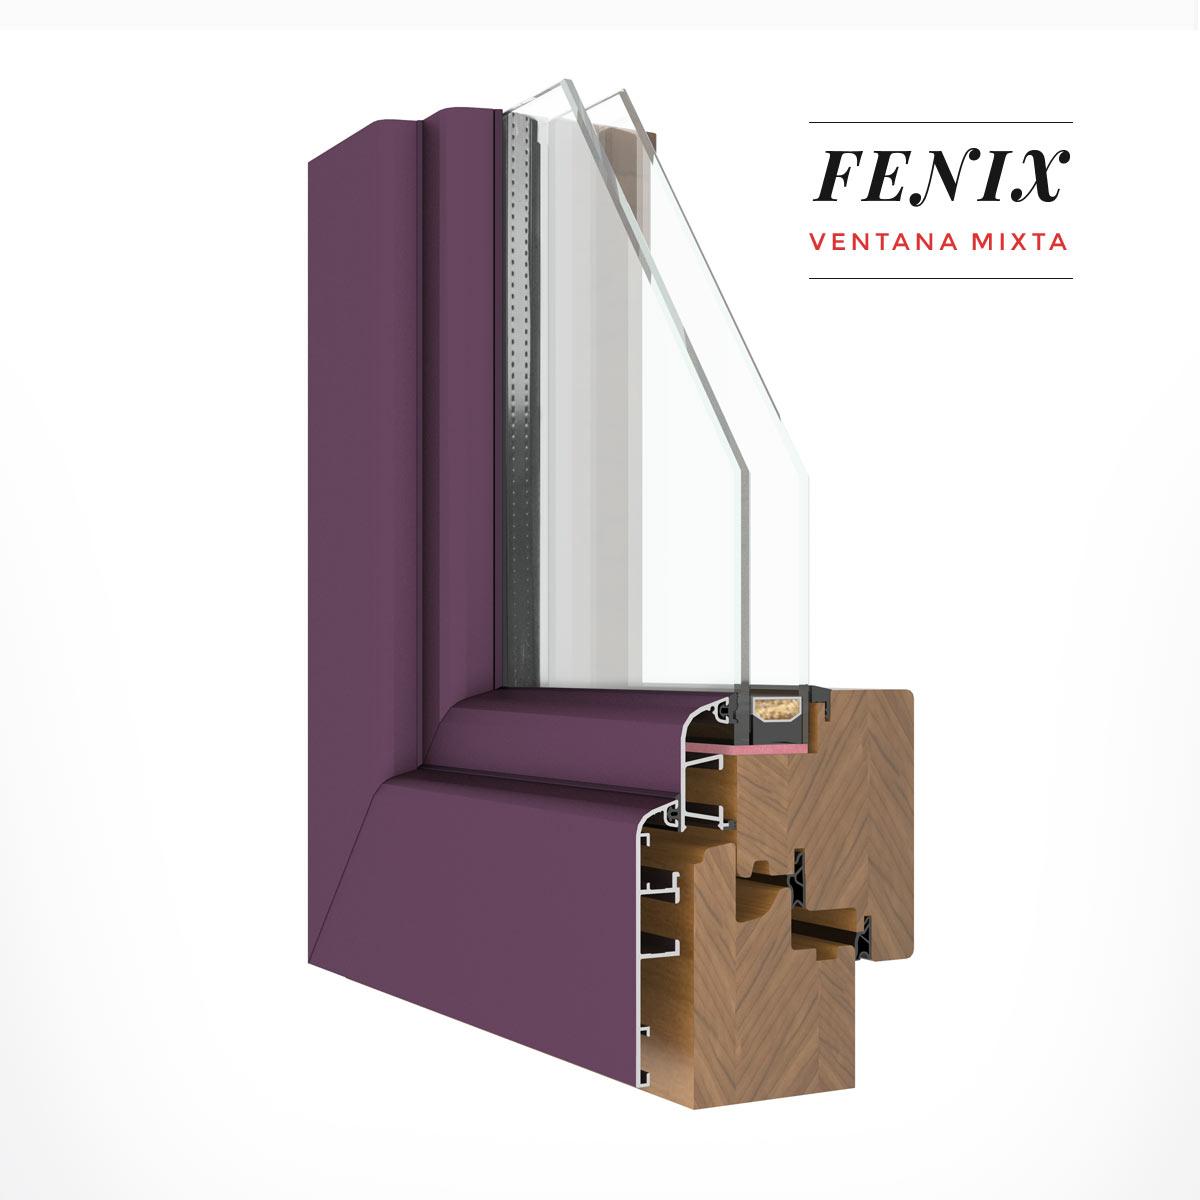 Carreté Finestres - finestres mixta de fusta i alumini de la seriï Fènix